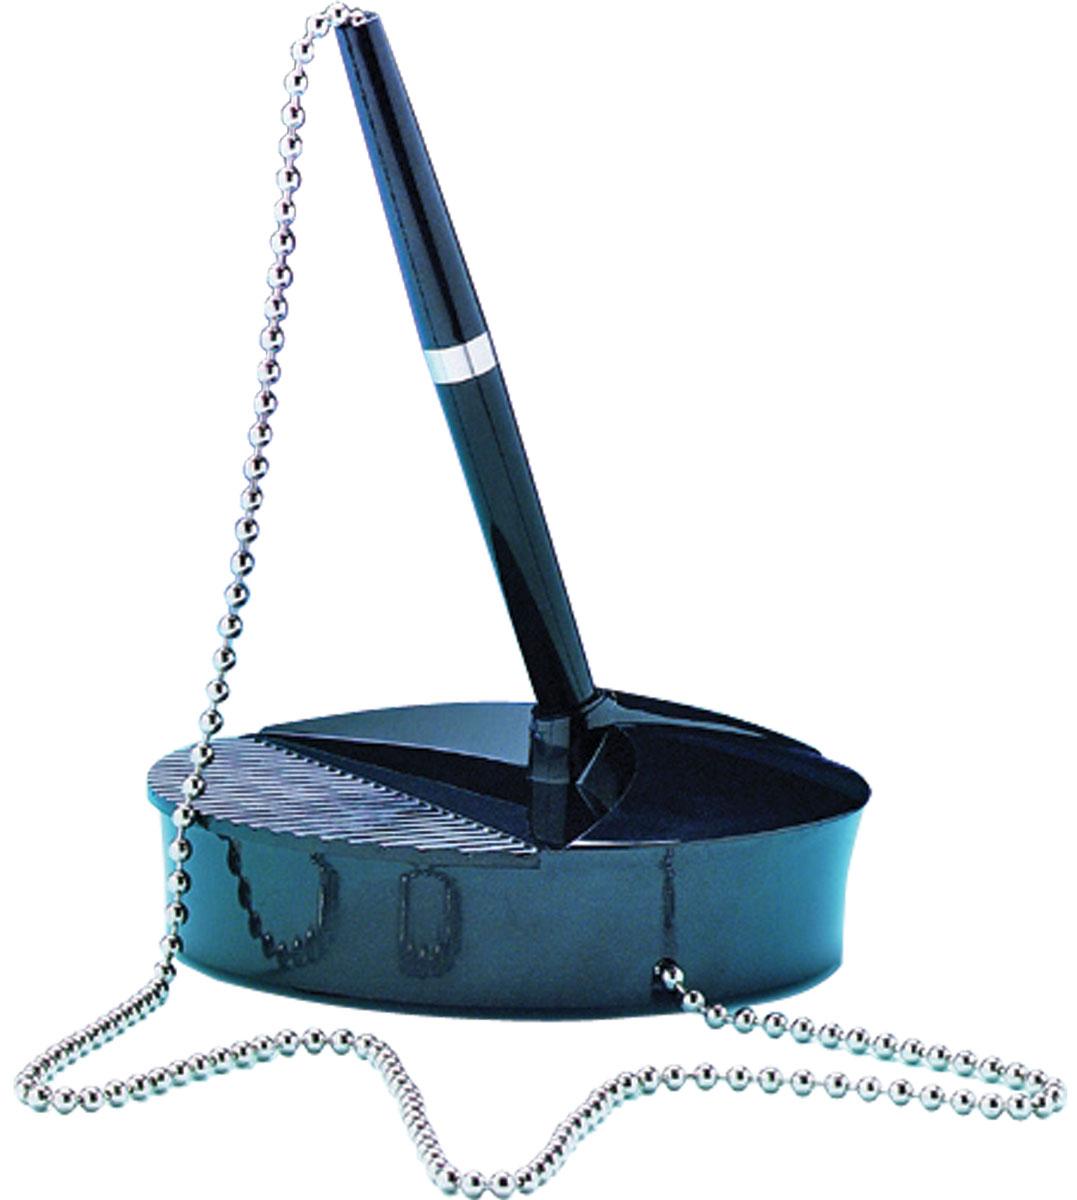 Fellowes Ручка шариковая на подставке синяя цвет корпуса черный338-4Шариковая ручка Fellowes подходит для использования на информационных стойках и письменных столах. Антибактериальное покрытие Microban сохраняет чистоту и предотвращает развитие болезнетворных микробов. Хромовая цепочка длиной 520 мм для комфортного использования. Стабильное утяжеленное основание c присоской.